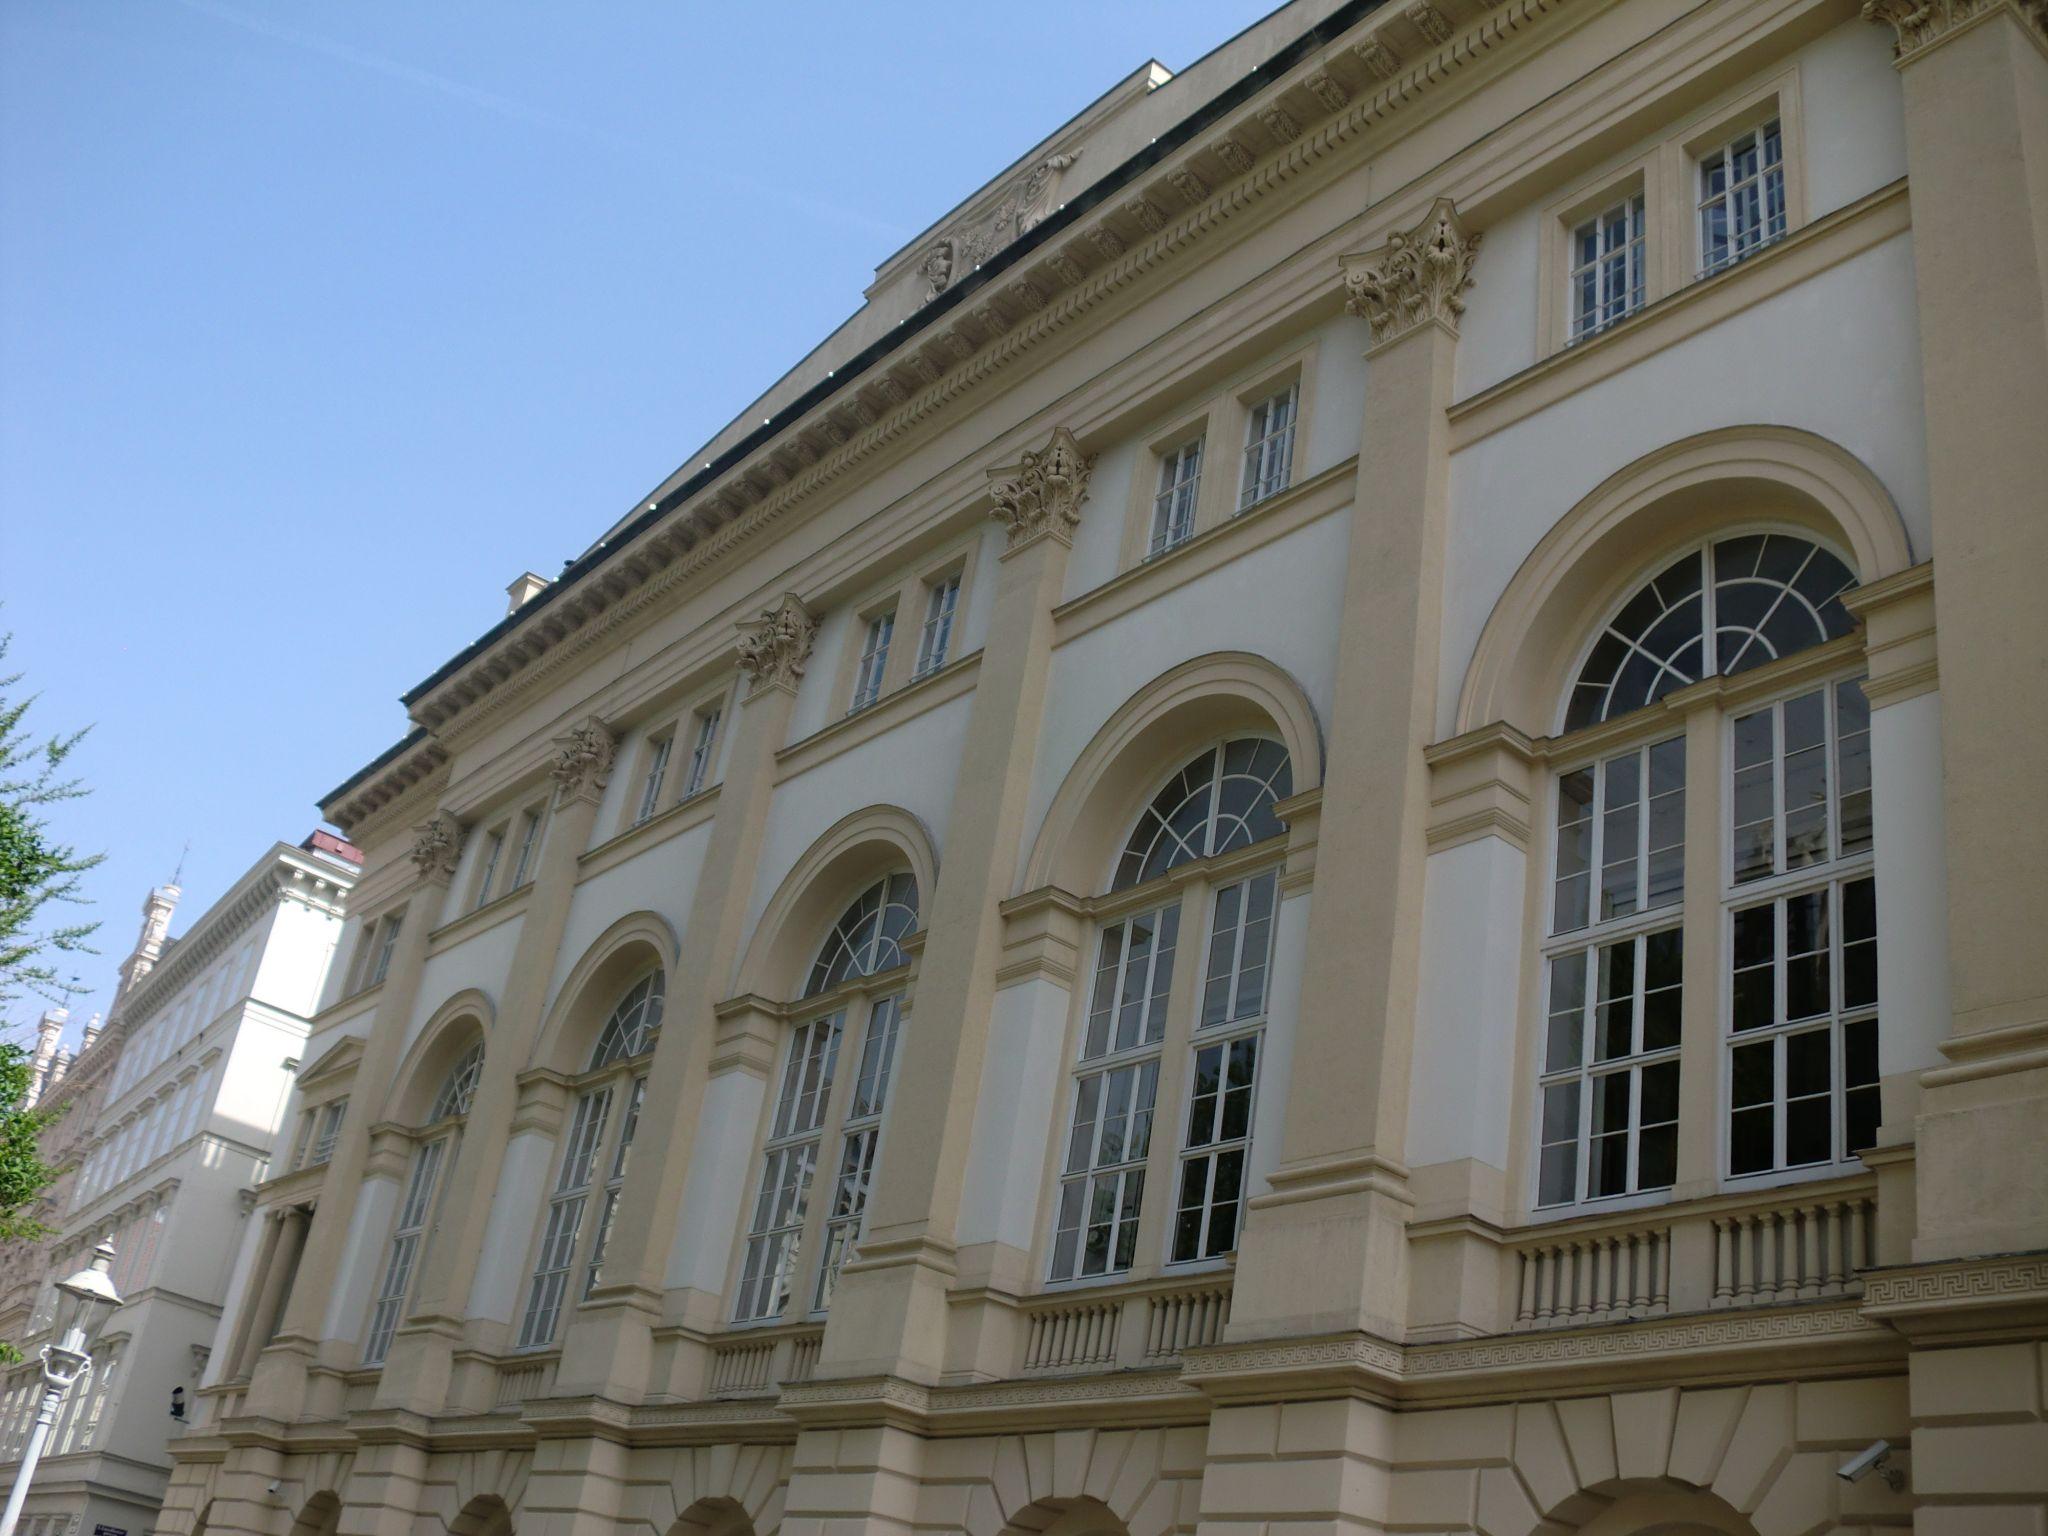 Vienna architecture 7 1440x1080 - Vienna: elegant beauty